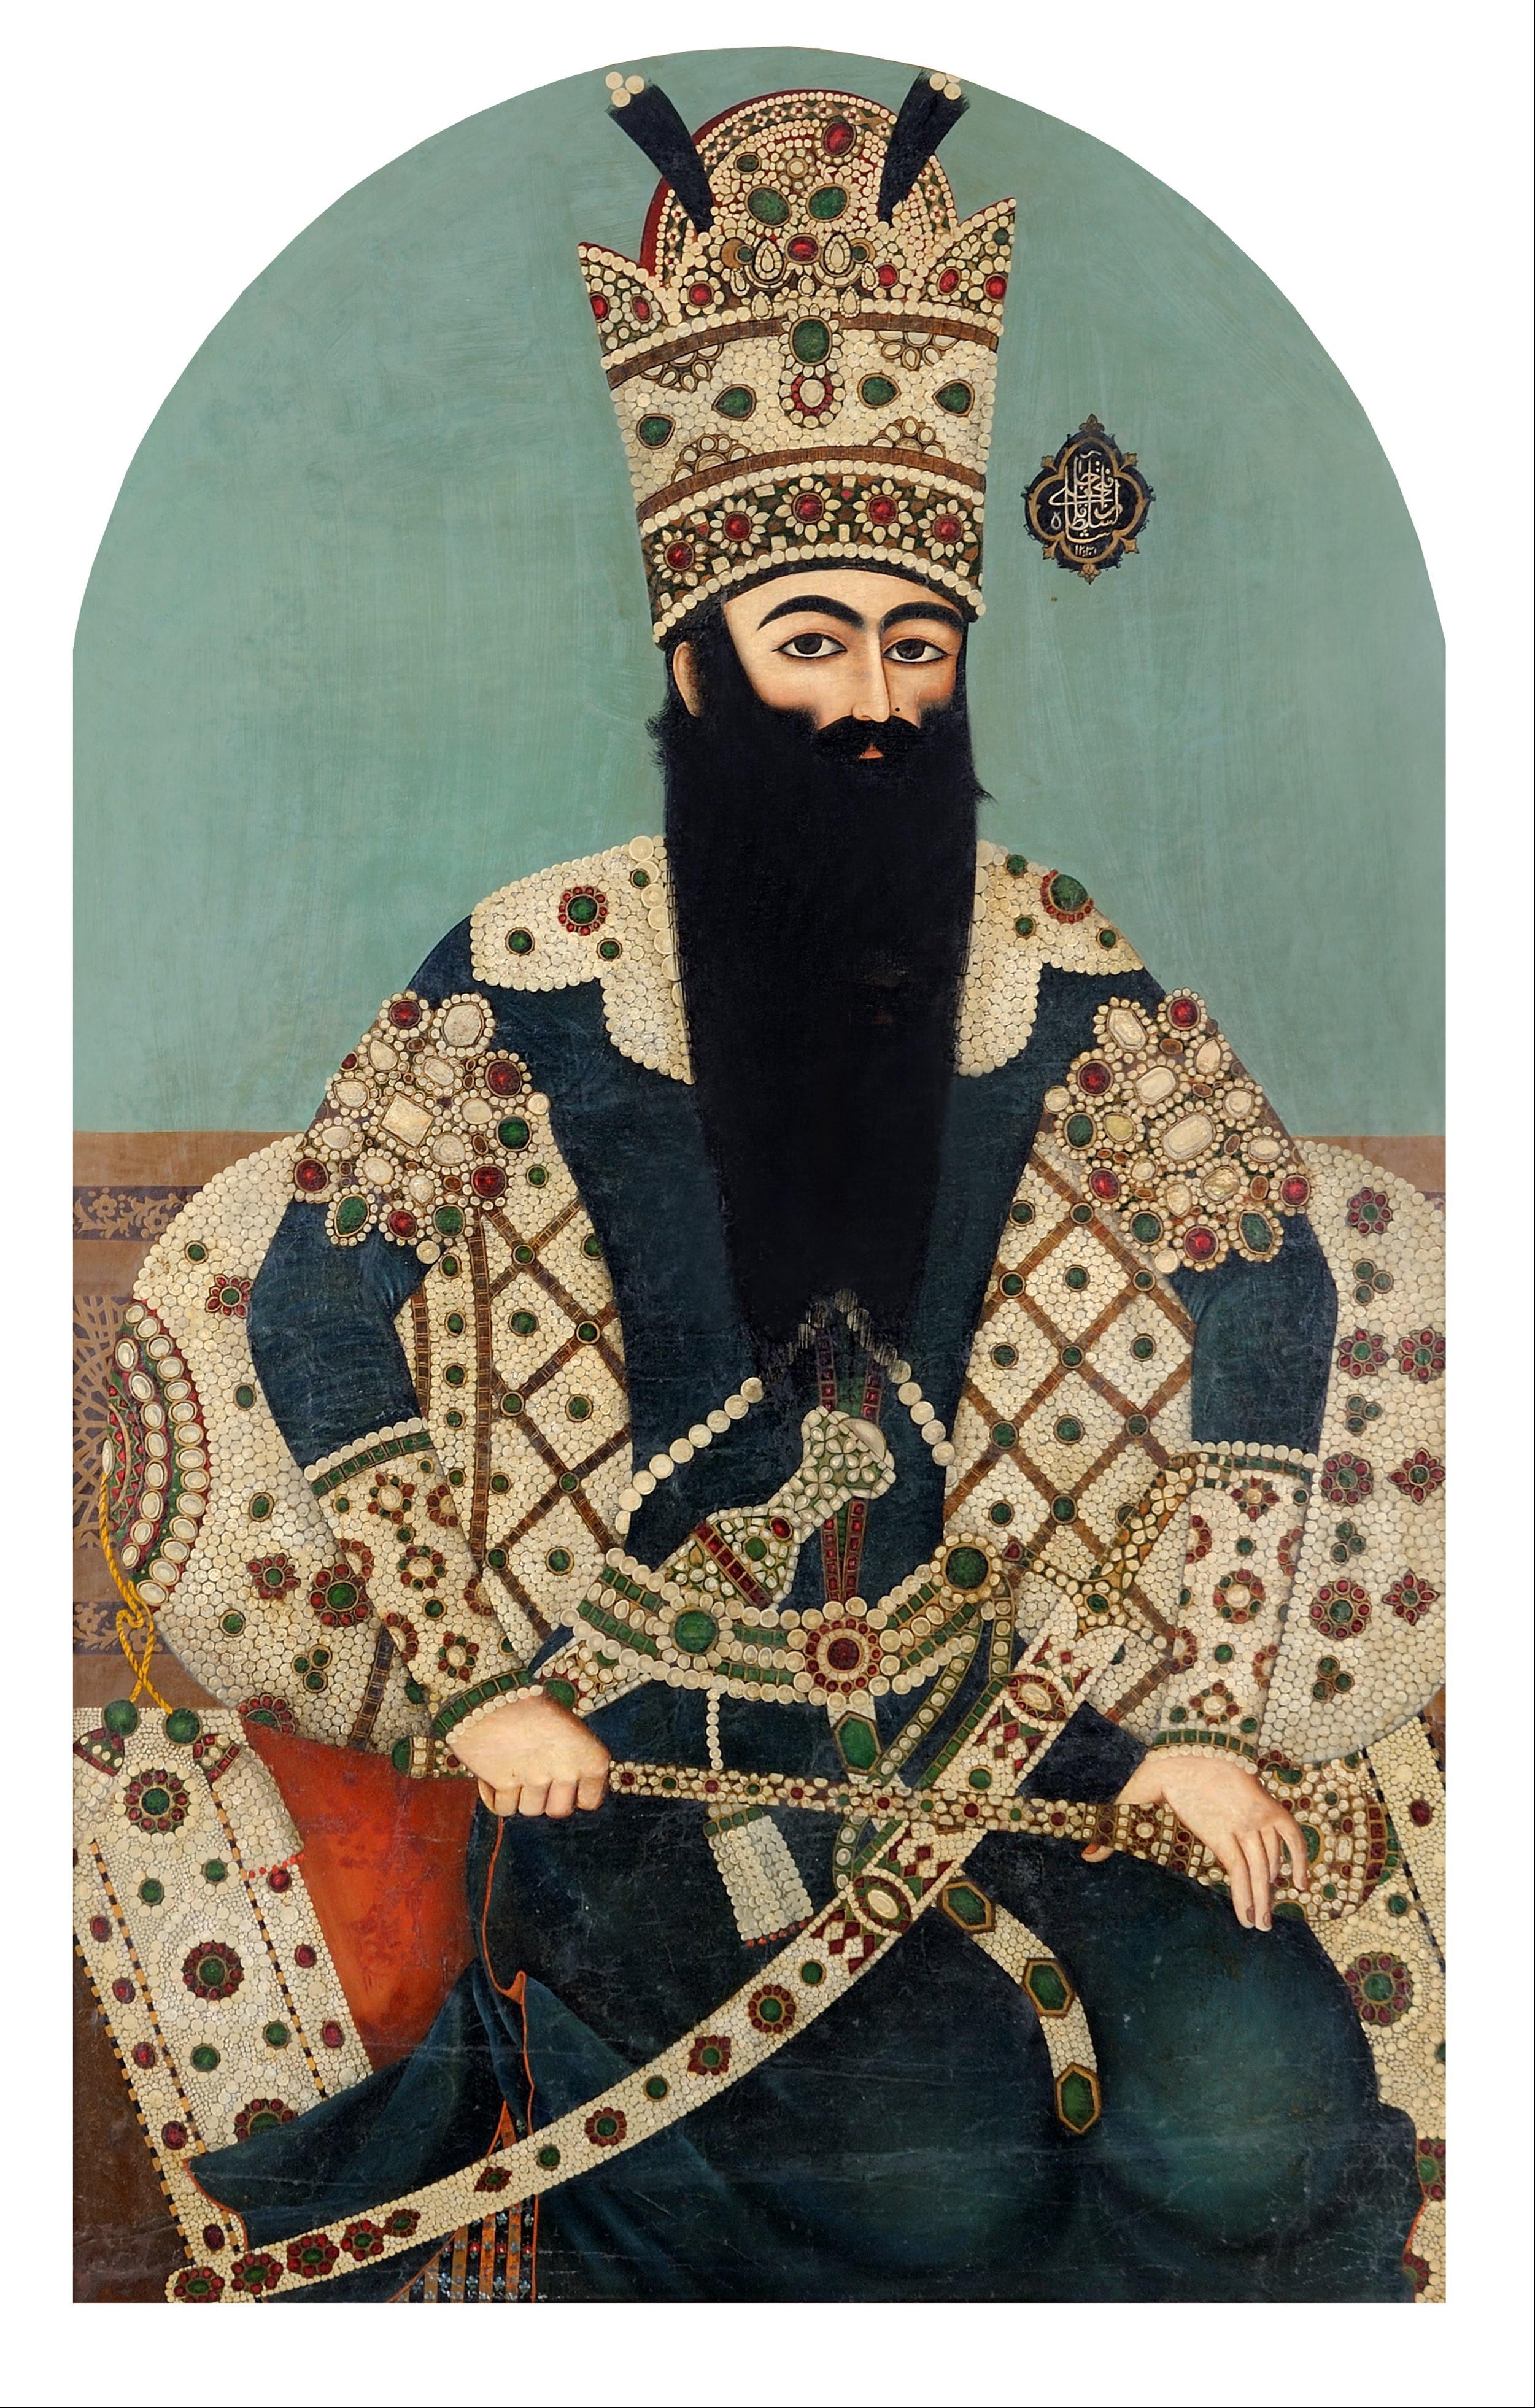 https://upload.wikimedia.org/wikipedia/commons/9/9c/Mihr_%27Ali%2C_Iran%2C_1816_-_Portrait_of_Fath_%27Ali_Shah_-_Google_Art_Project.jpg